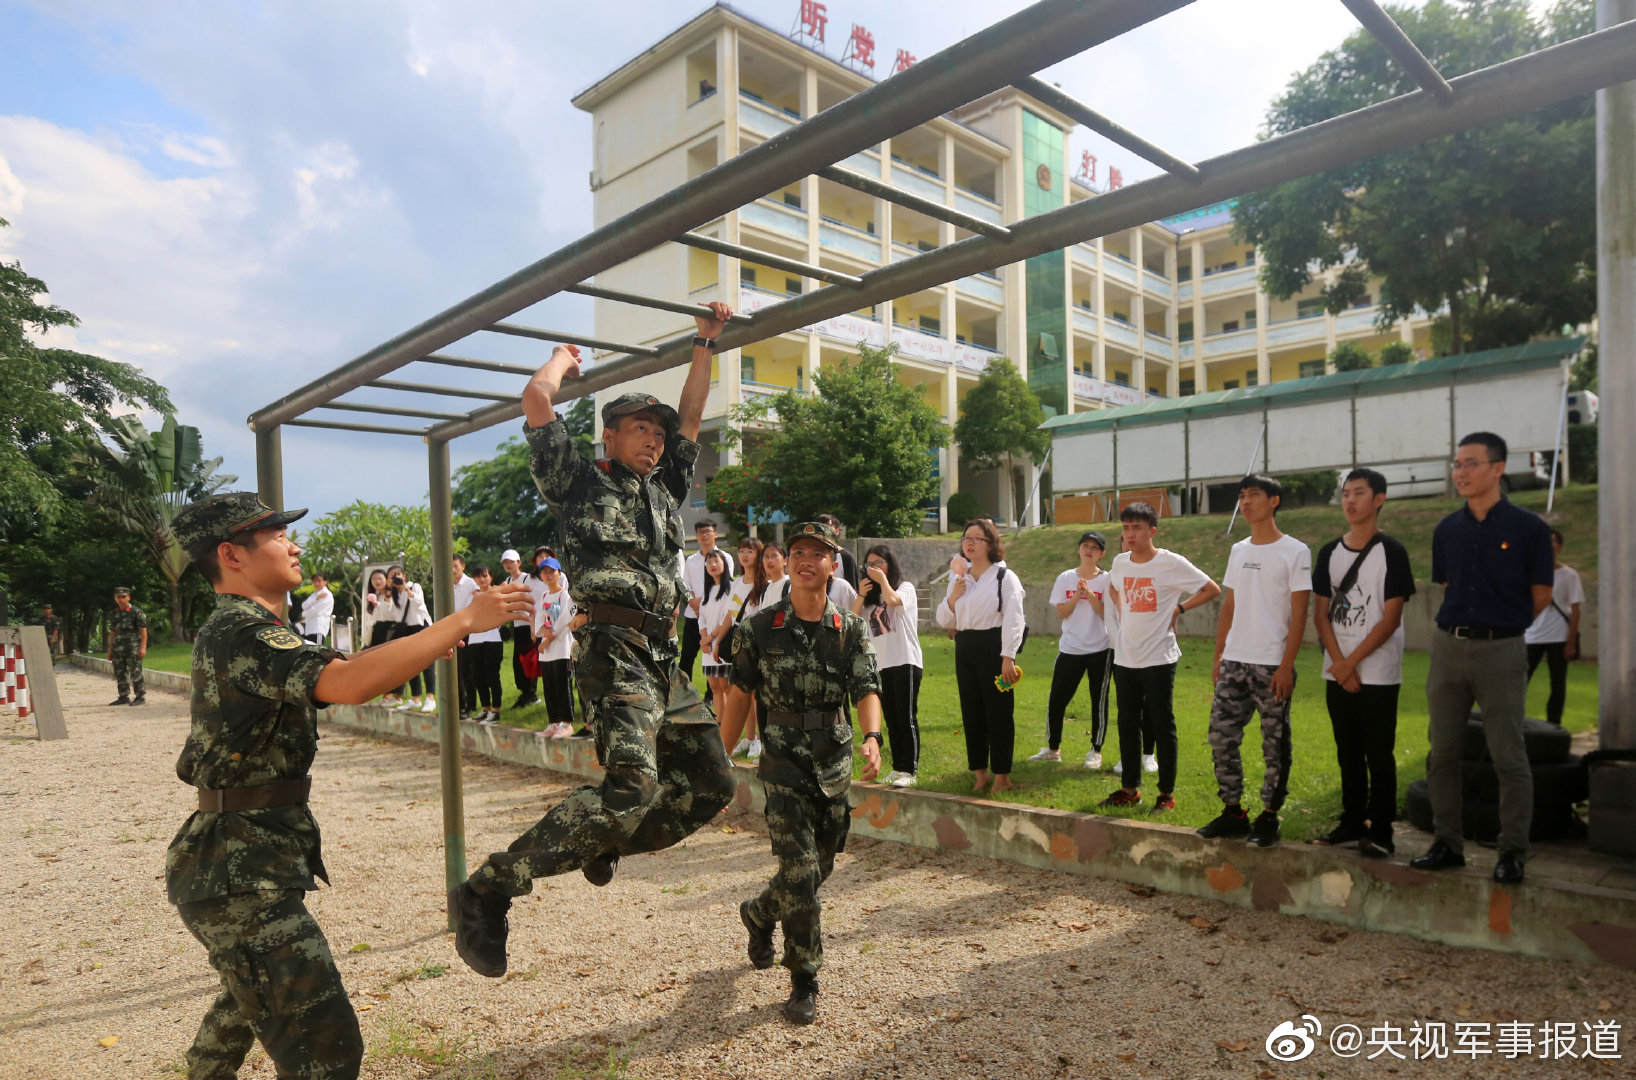 淬炼青春 筑梦军营 | 在校大学生走进武警海南省总队儋州中队体验军营